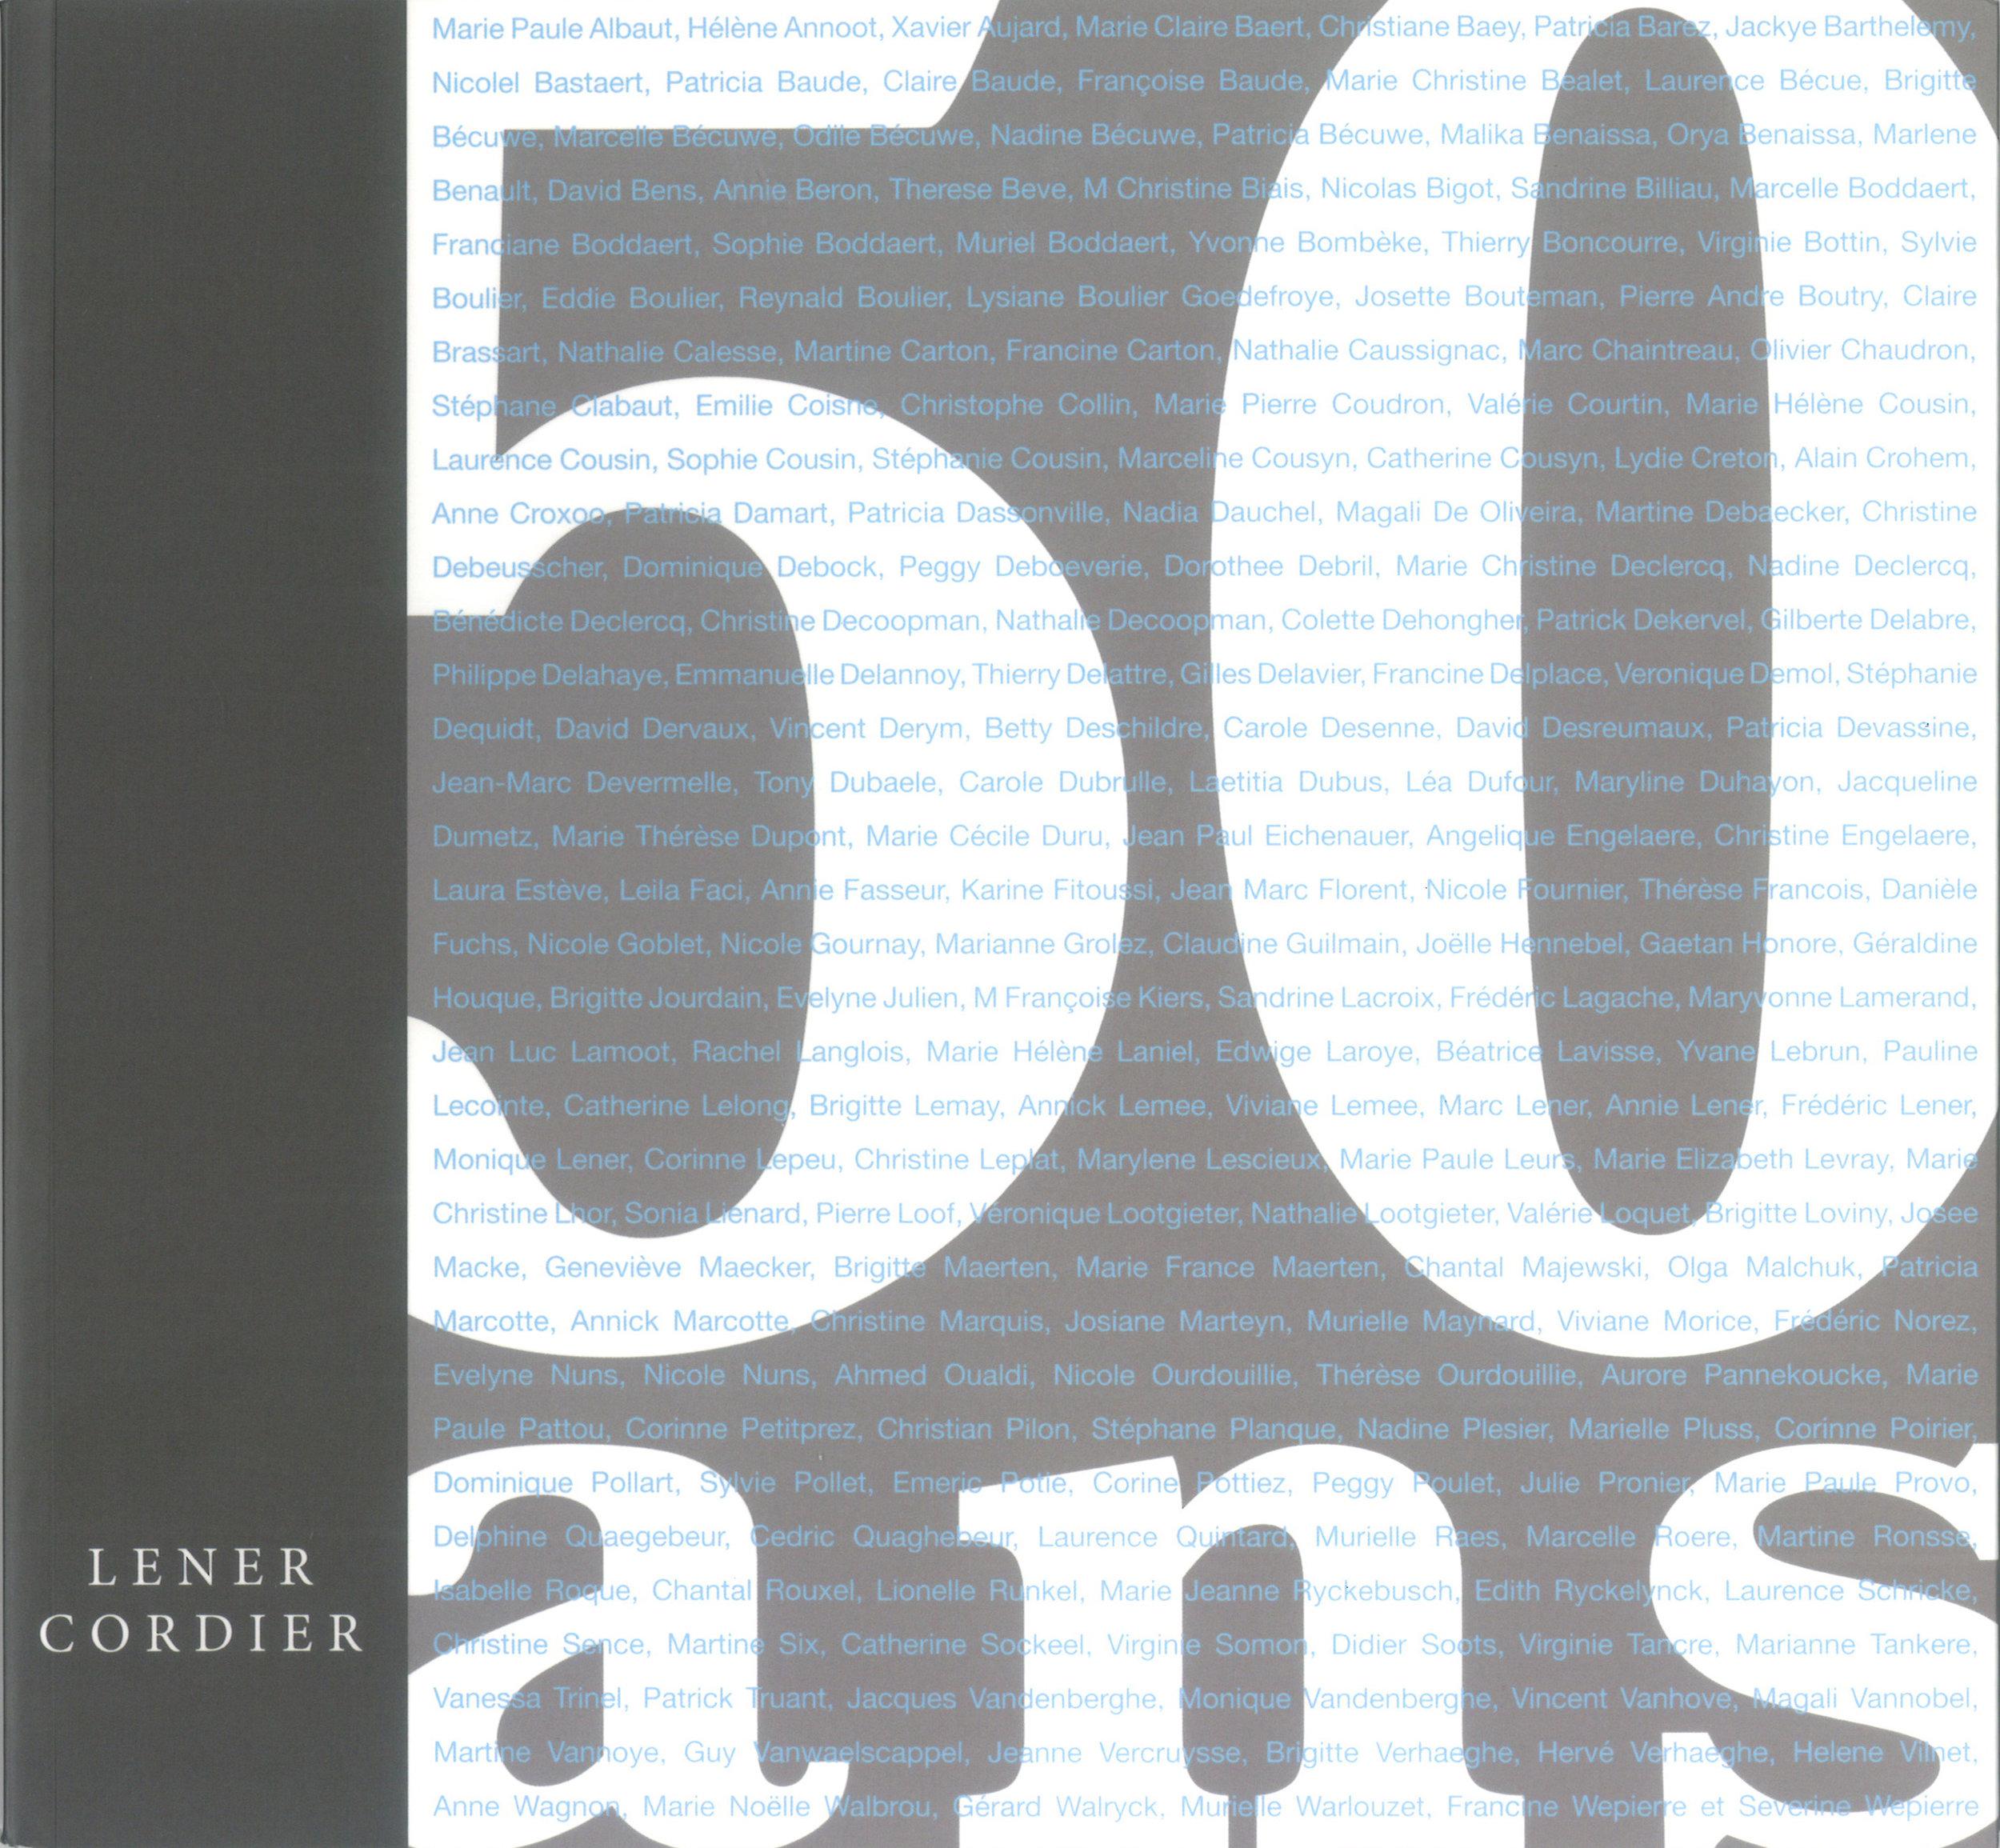 couvLivre50ans.jpg